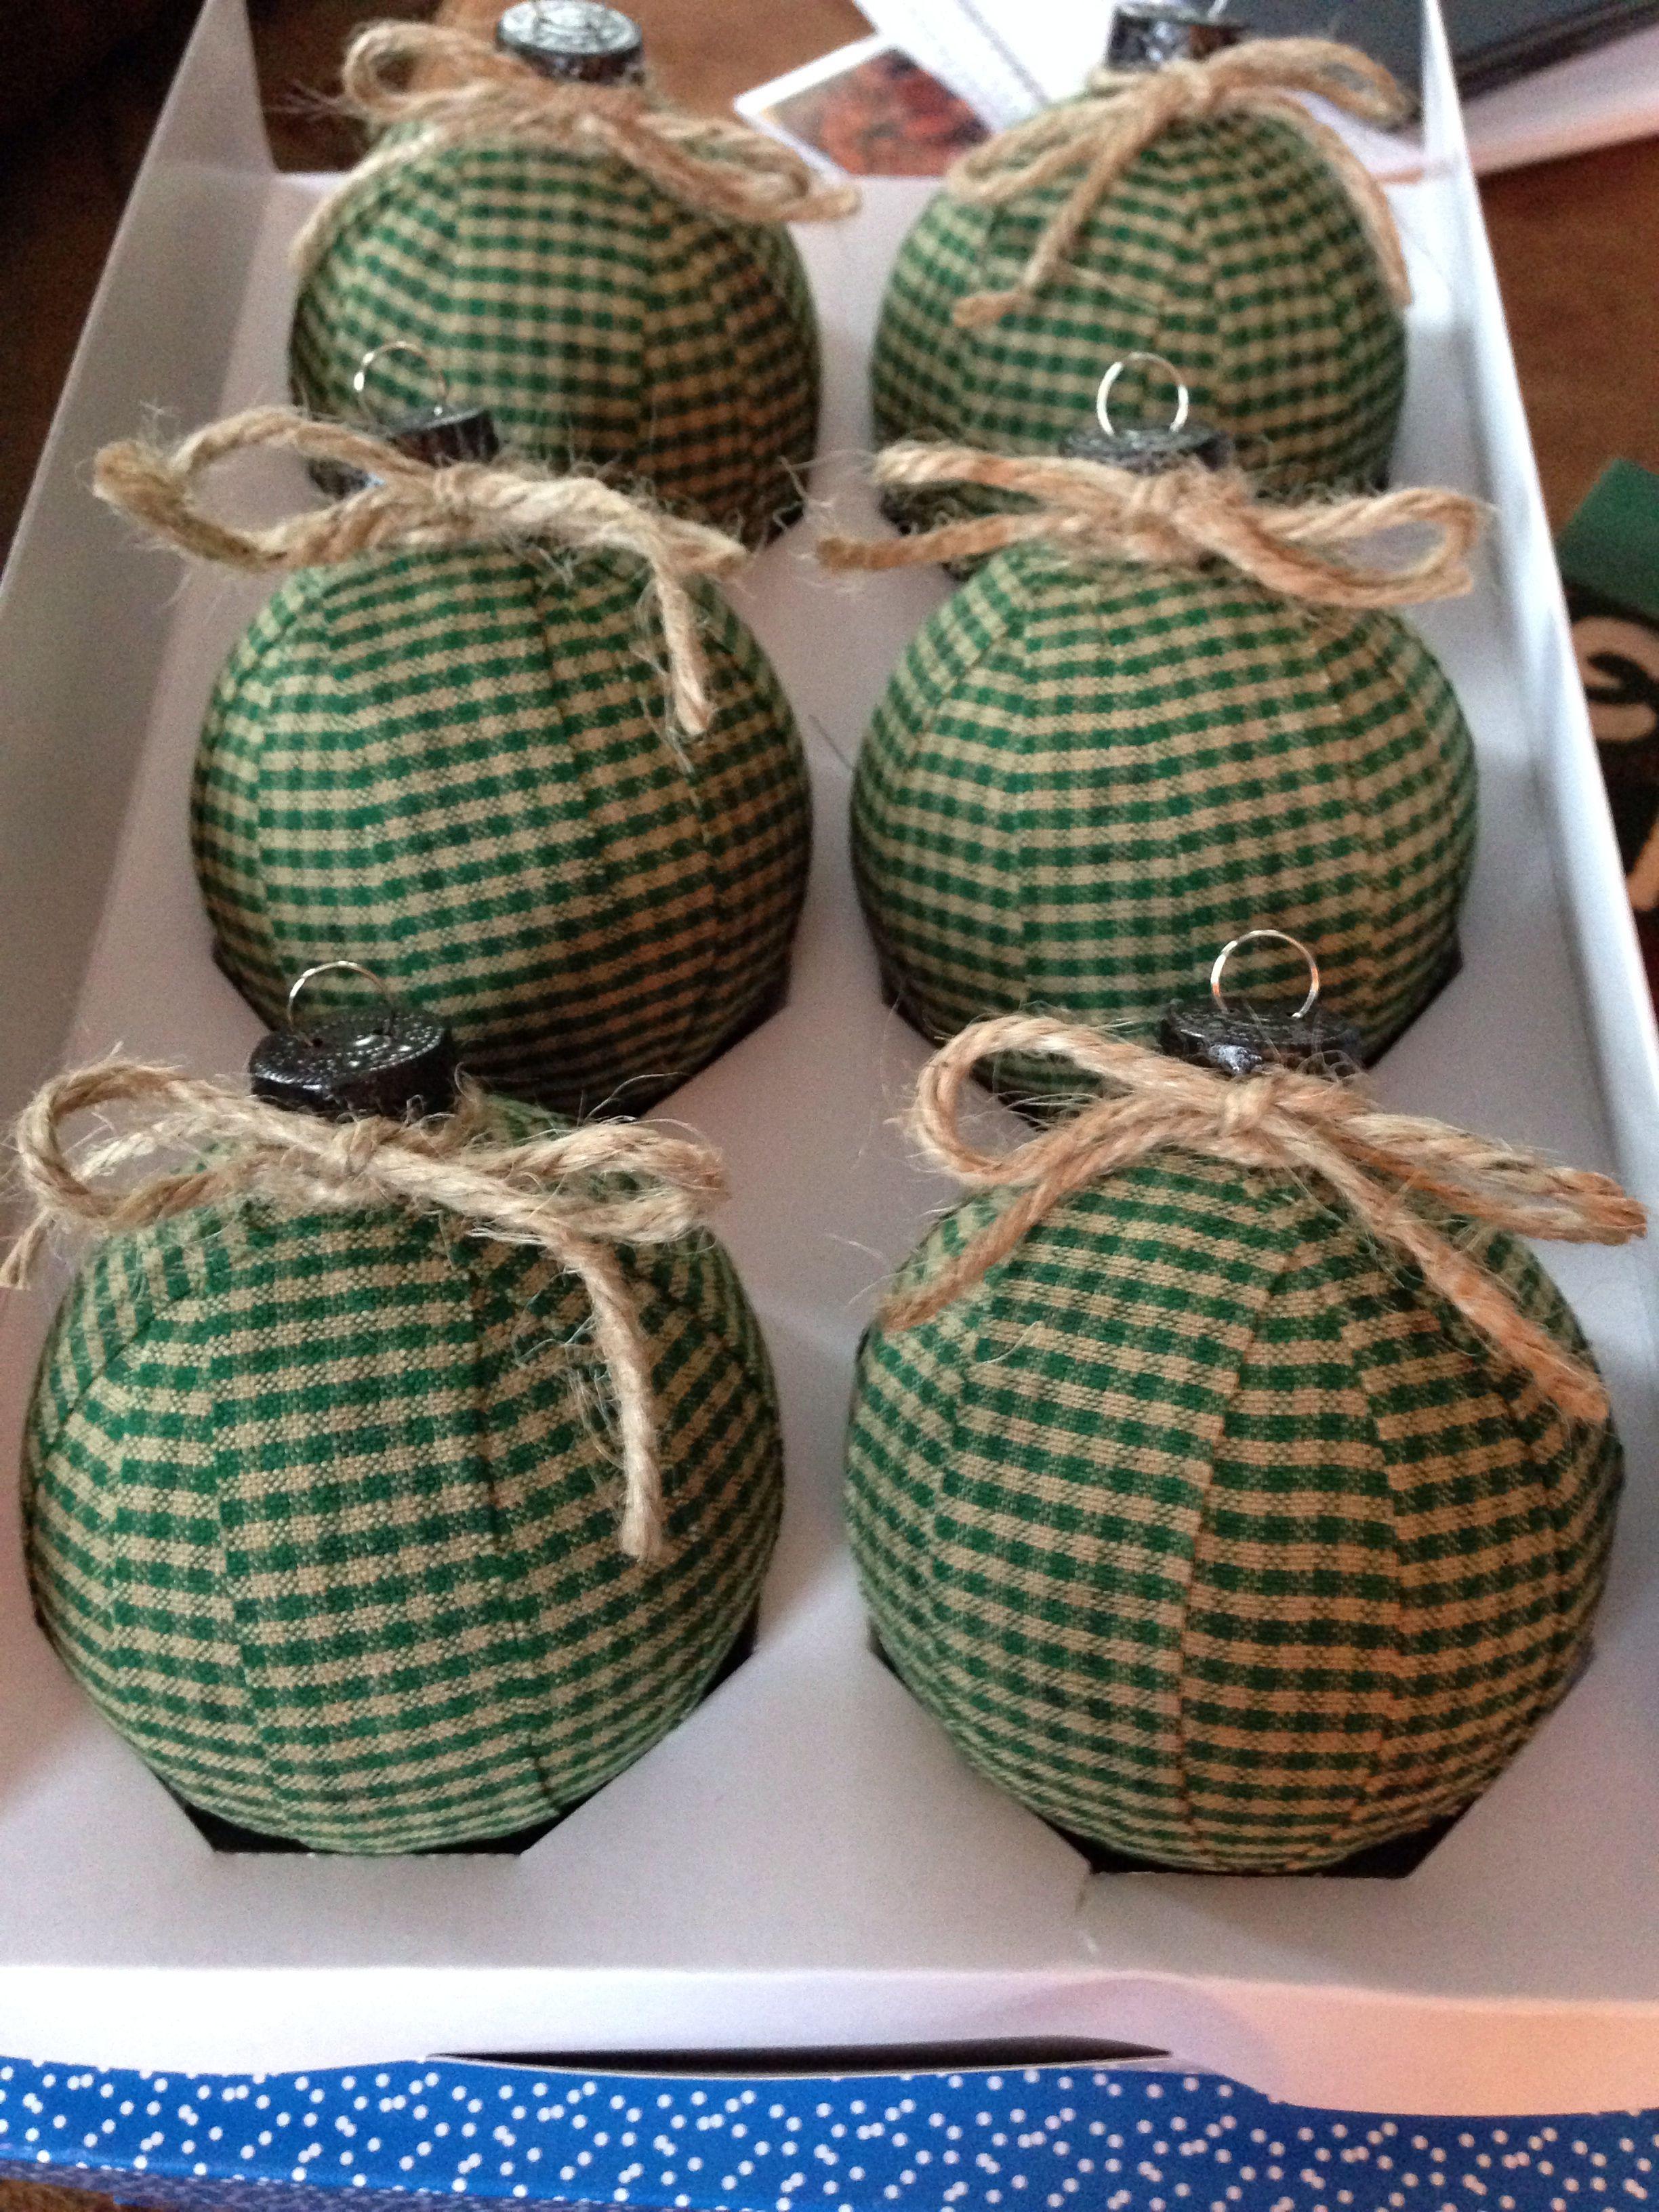 Fabric Christmas Ornaments I Made With Glass Balls And Homespun